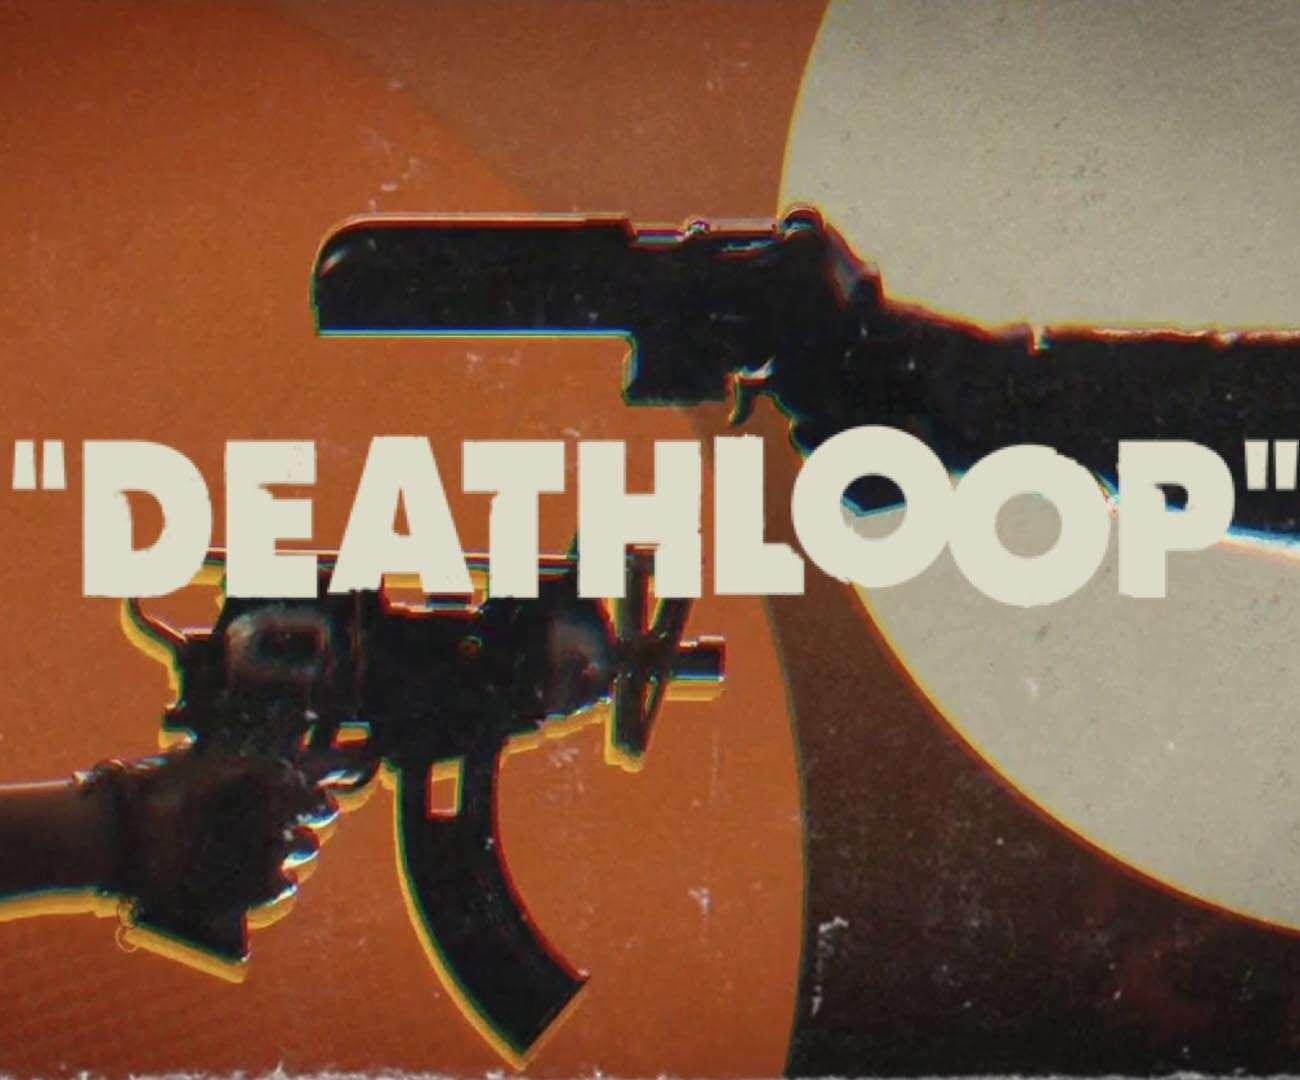 deathloop, gameplay